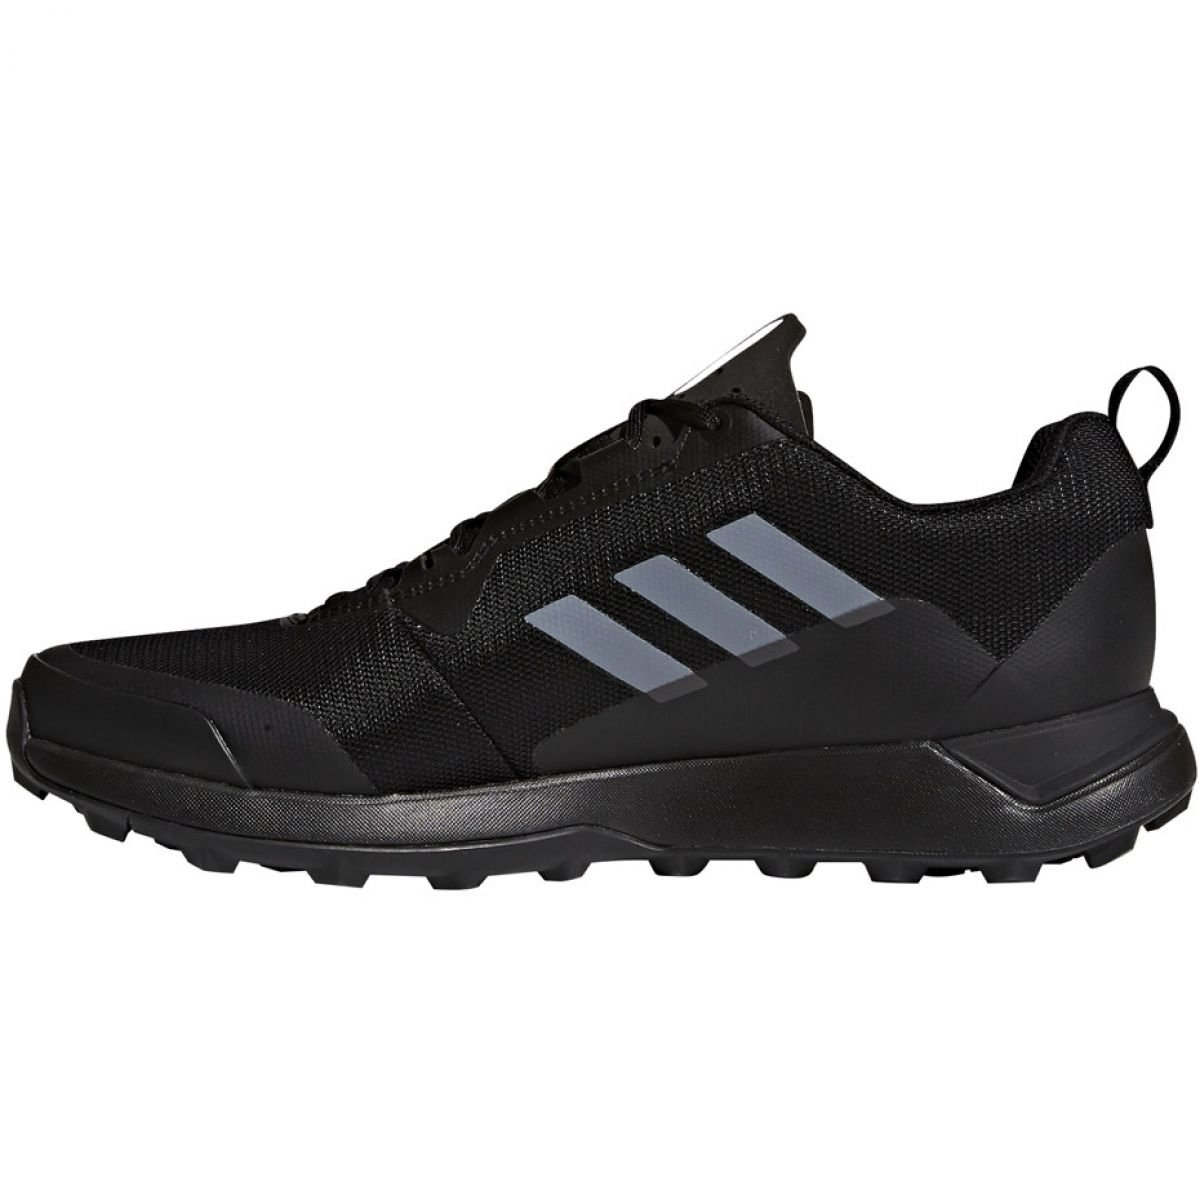 Details zu Adidas Terrex Cmtk M S80873 Schuhe schwarz